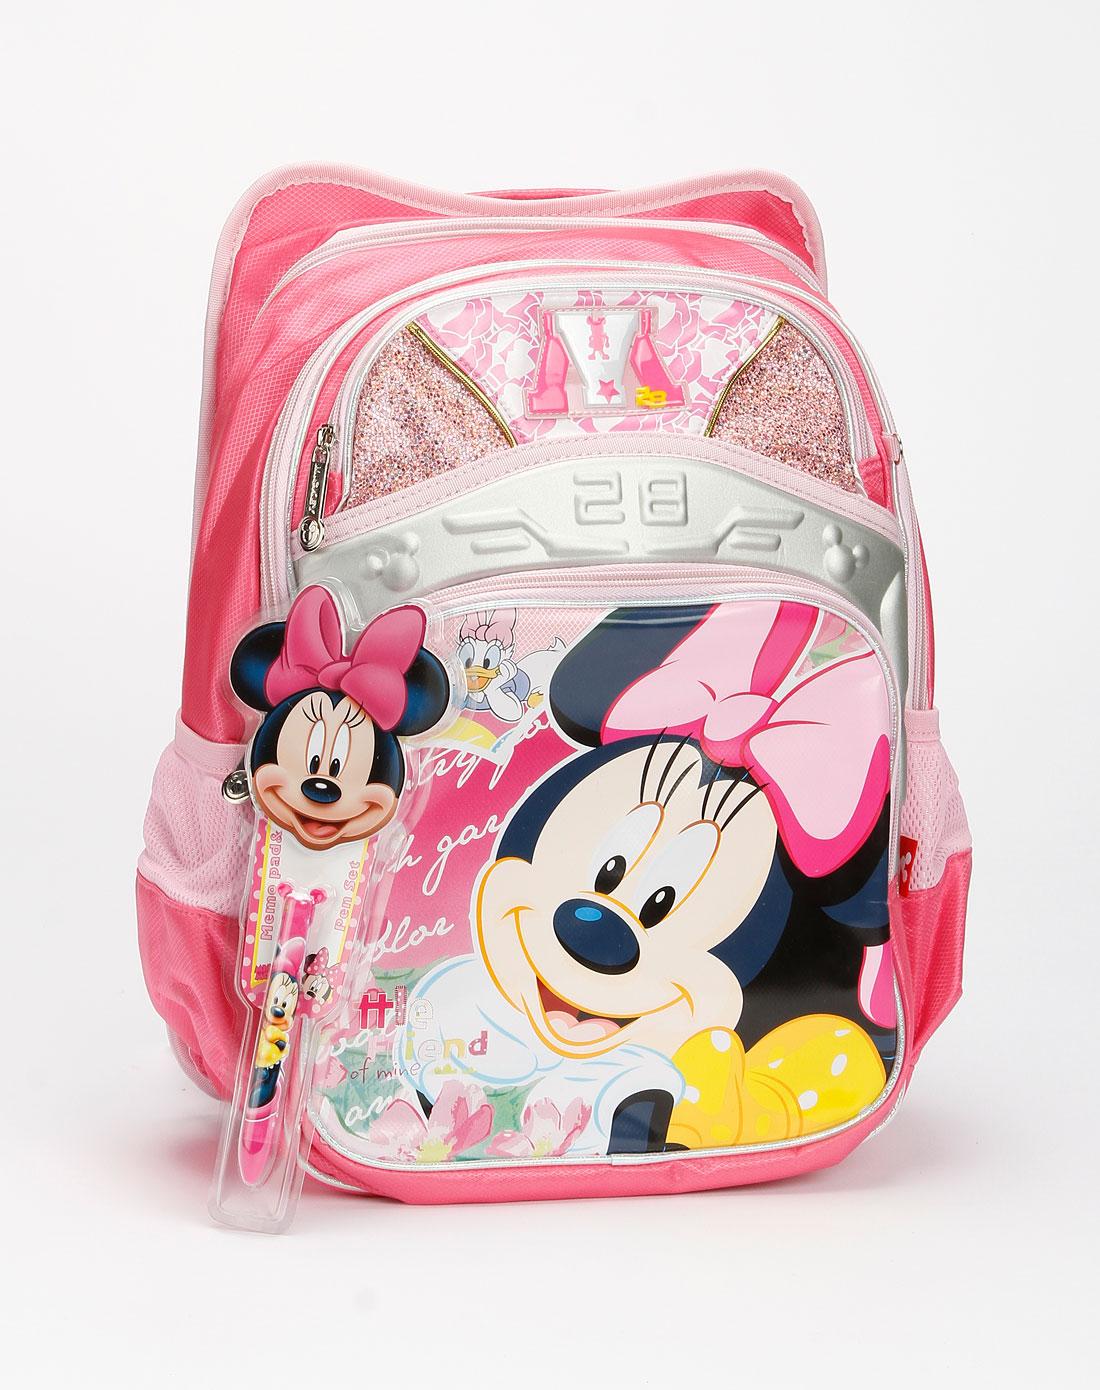 迪士尼disney儿童用品专场女童桃红色米妮减负翻盖mb